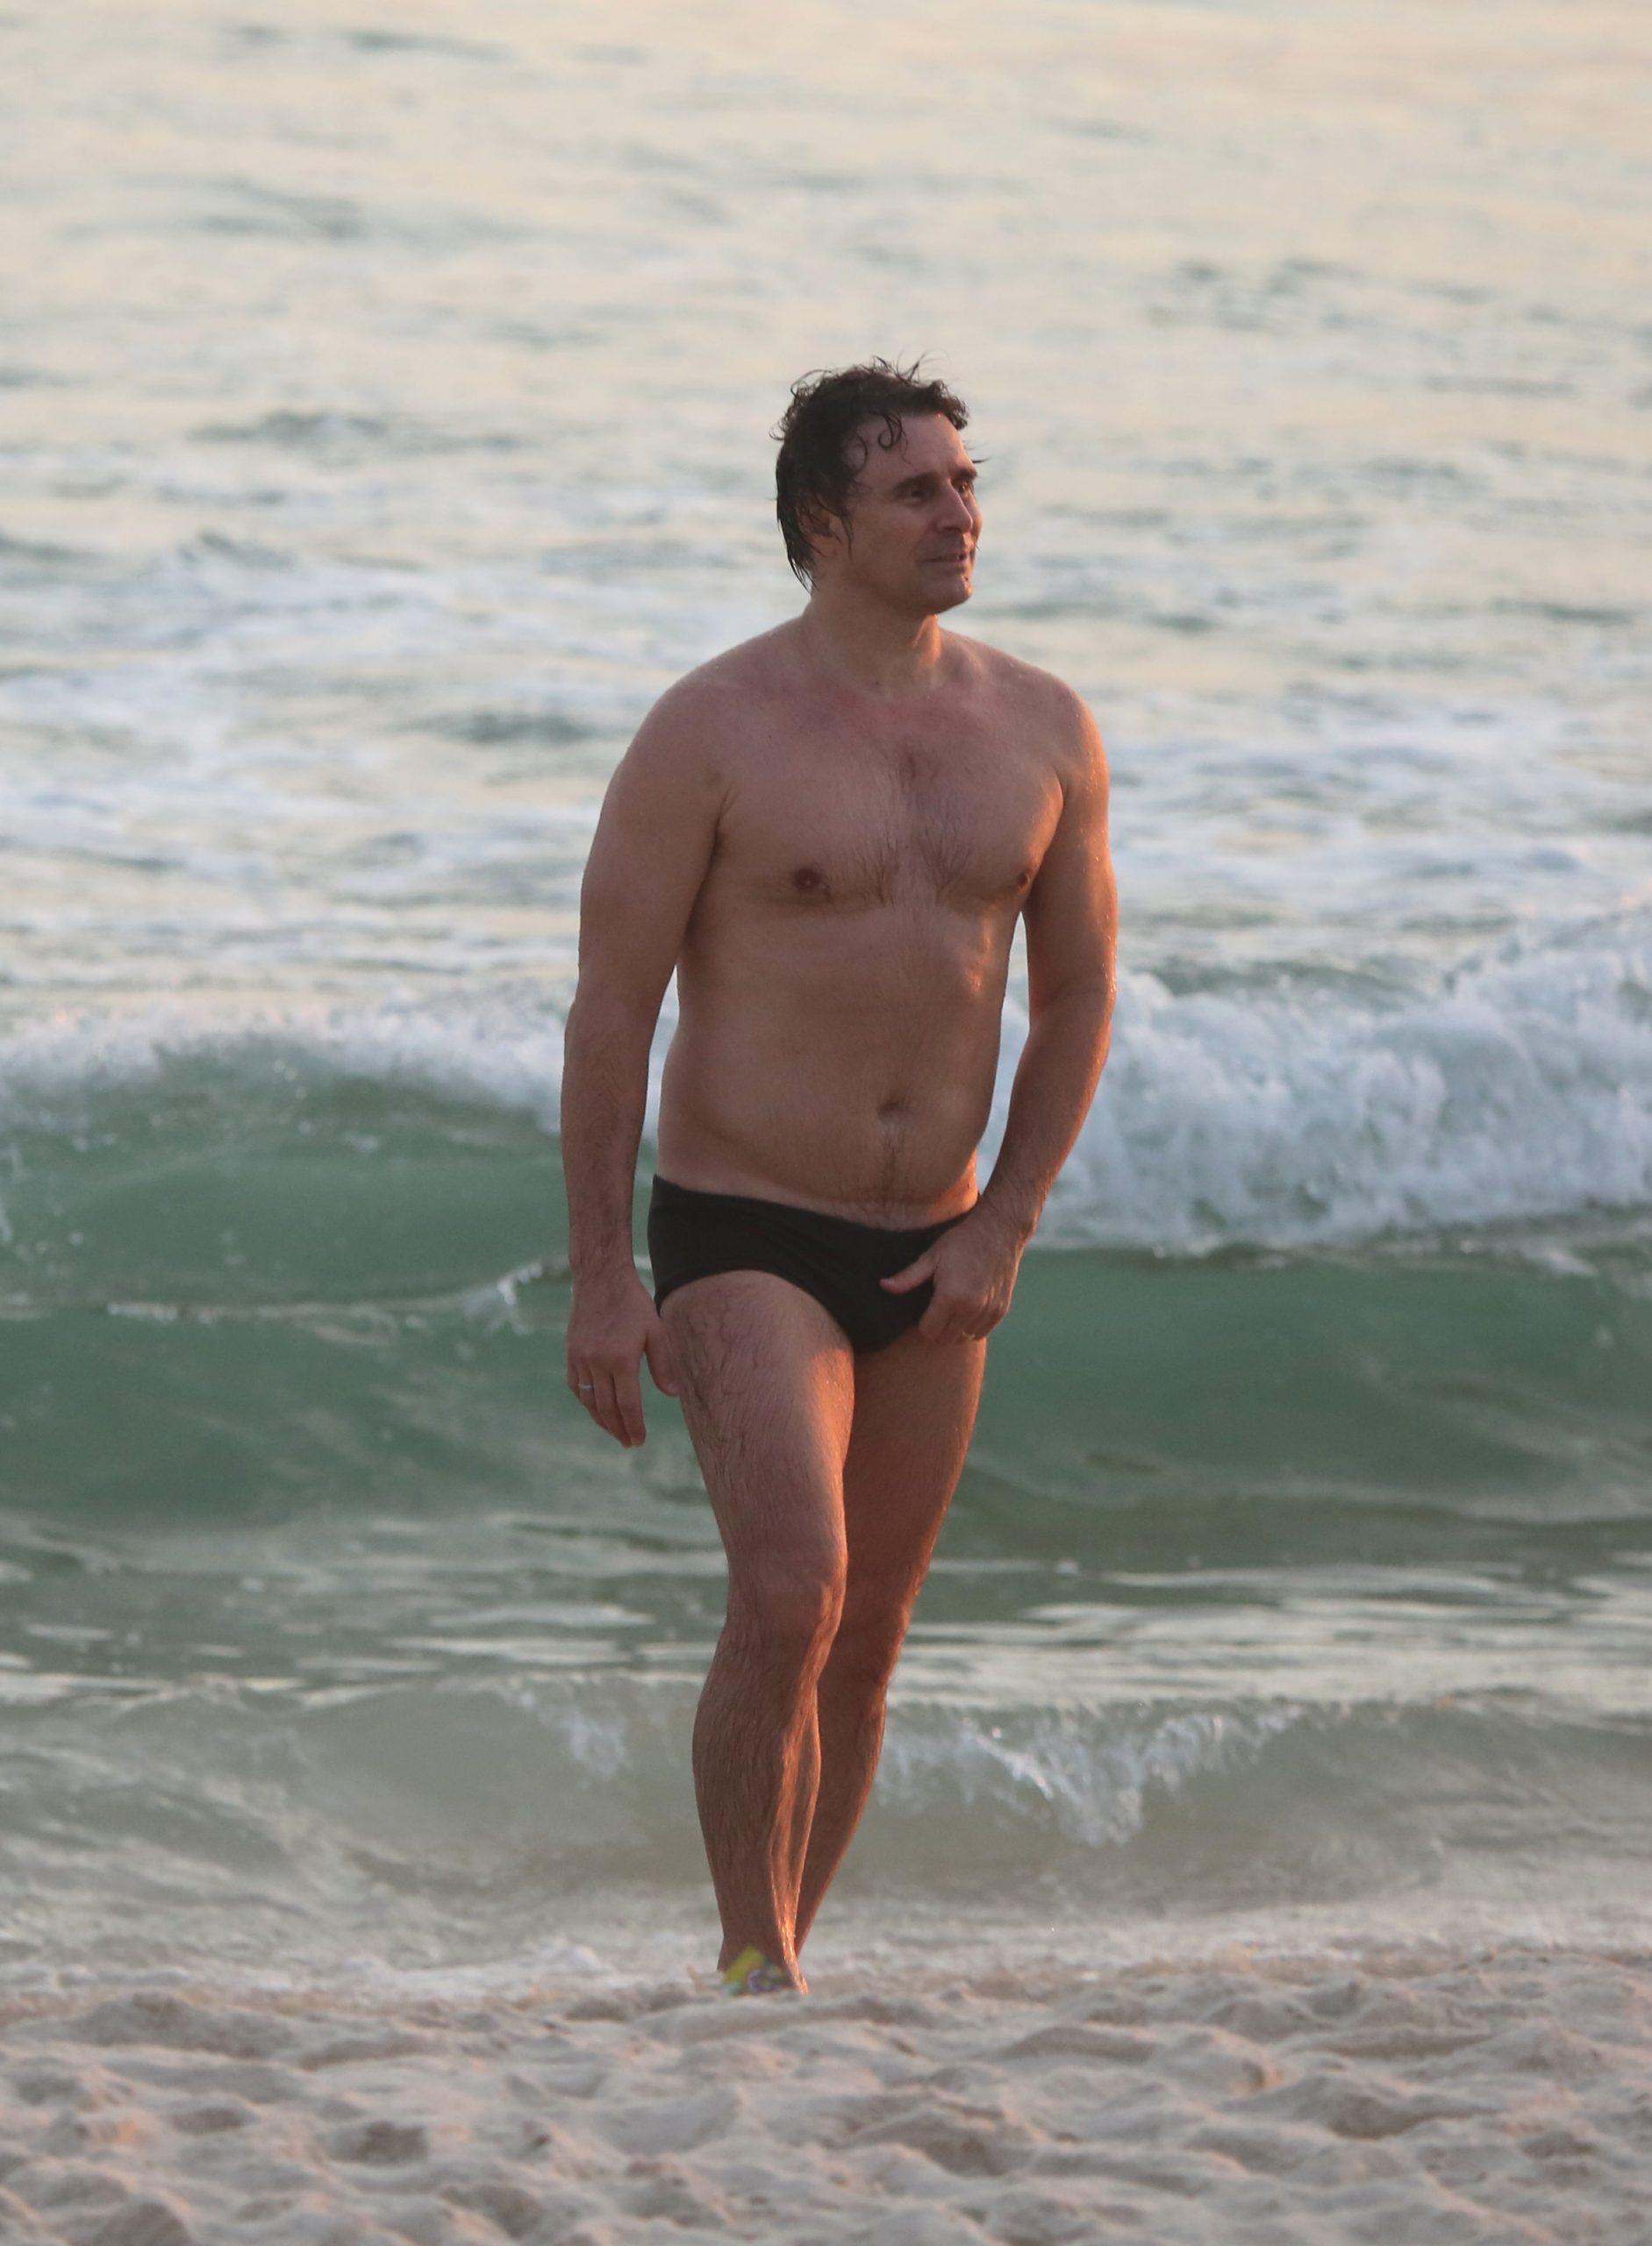 Murilo Rosa chama atenção em tarde de praia na Barra